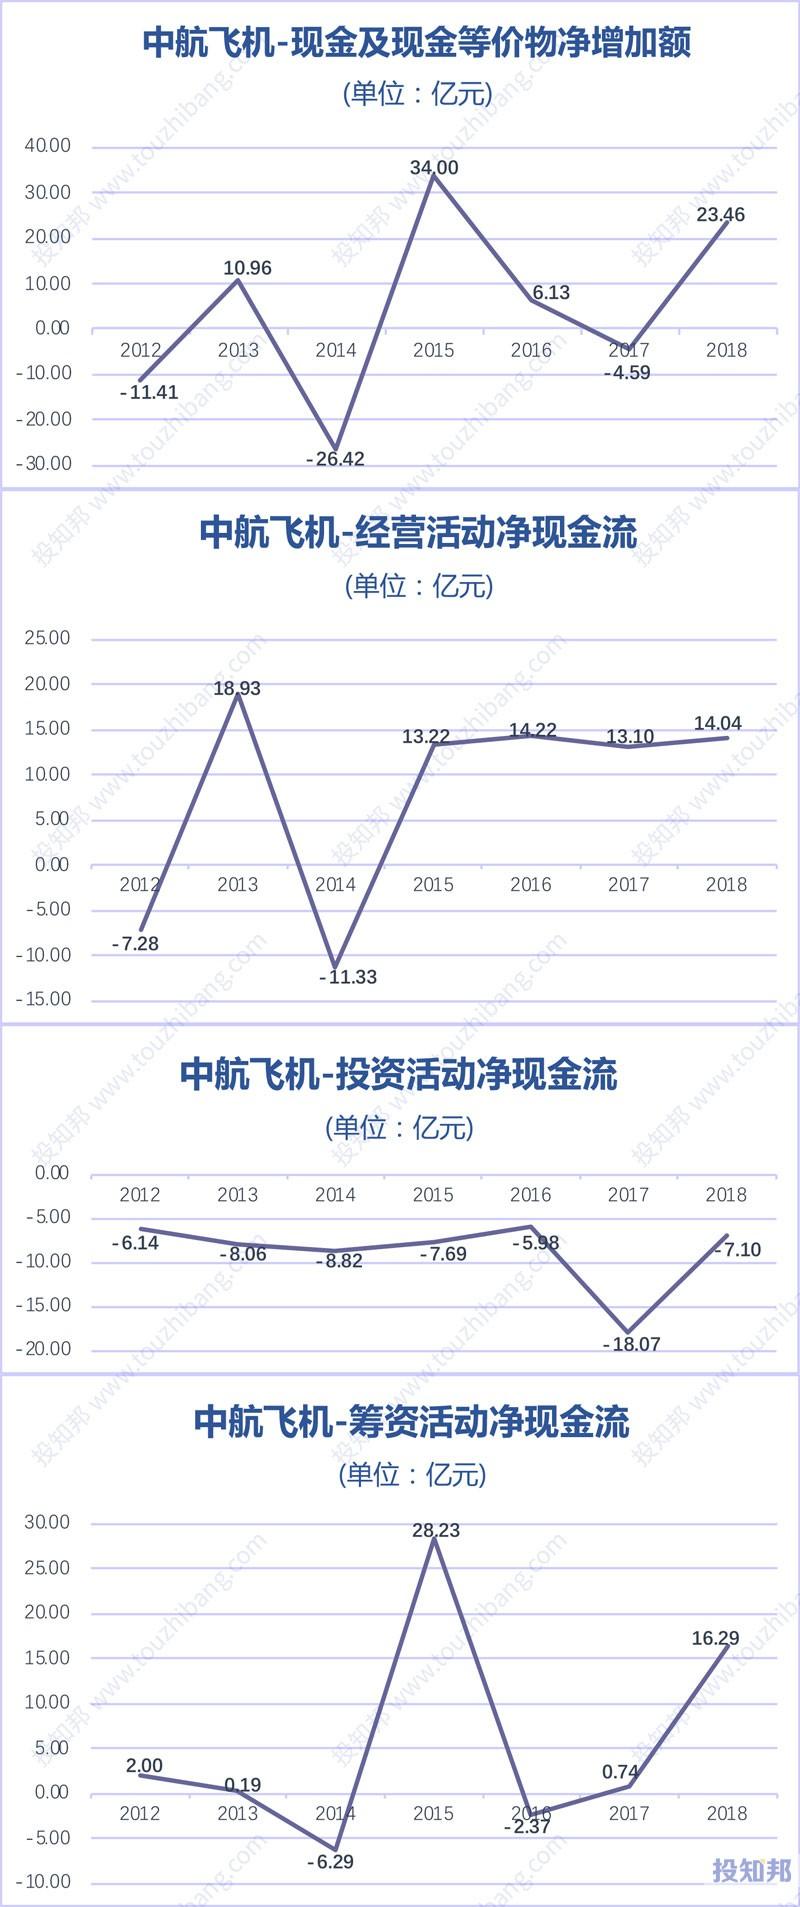 图解中航飞机(000768)财报数据(2012年~2019年Q3)